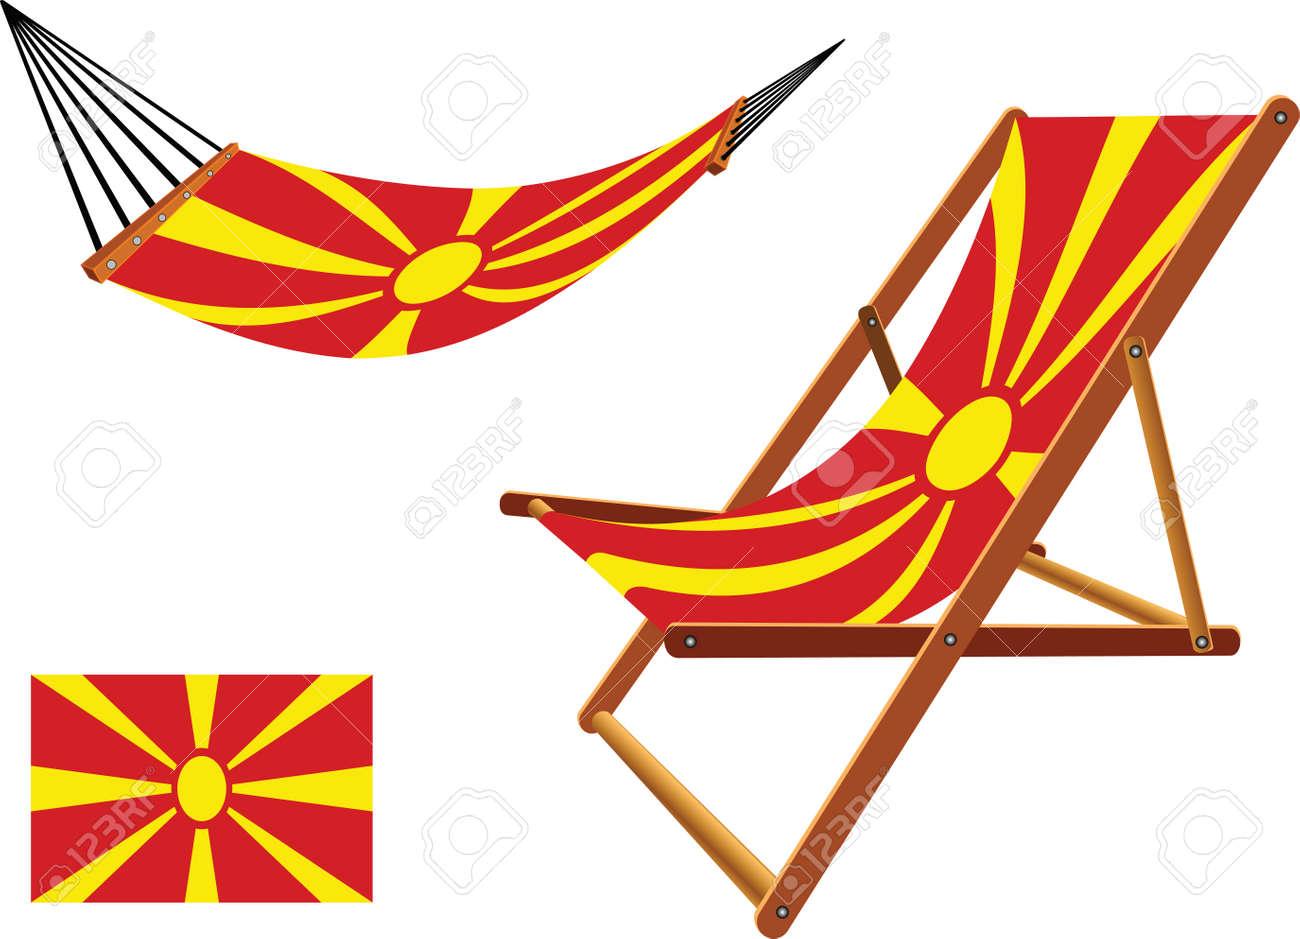 Abstract Macédoine Chaise Un Fond Longue Art BlancVecteur Hamac Illustration Et vN0mnO8w